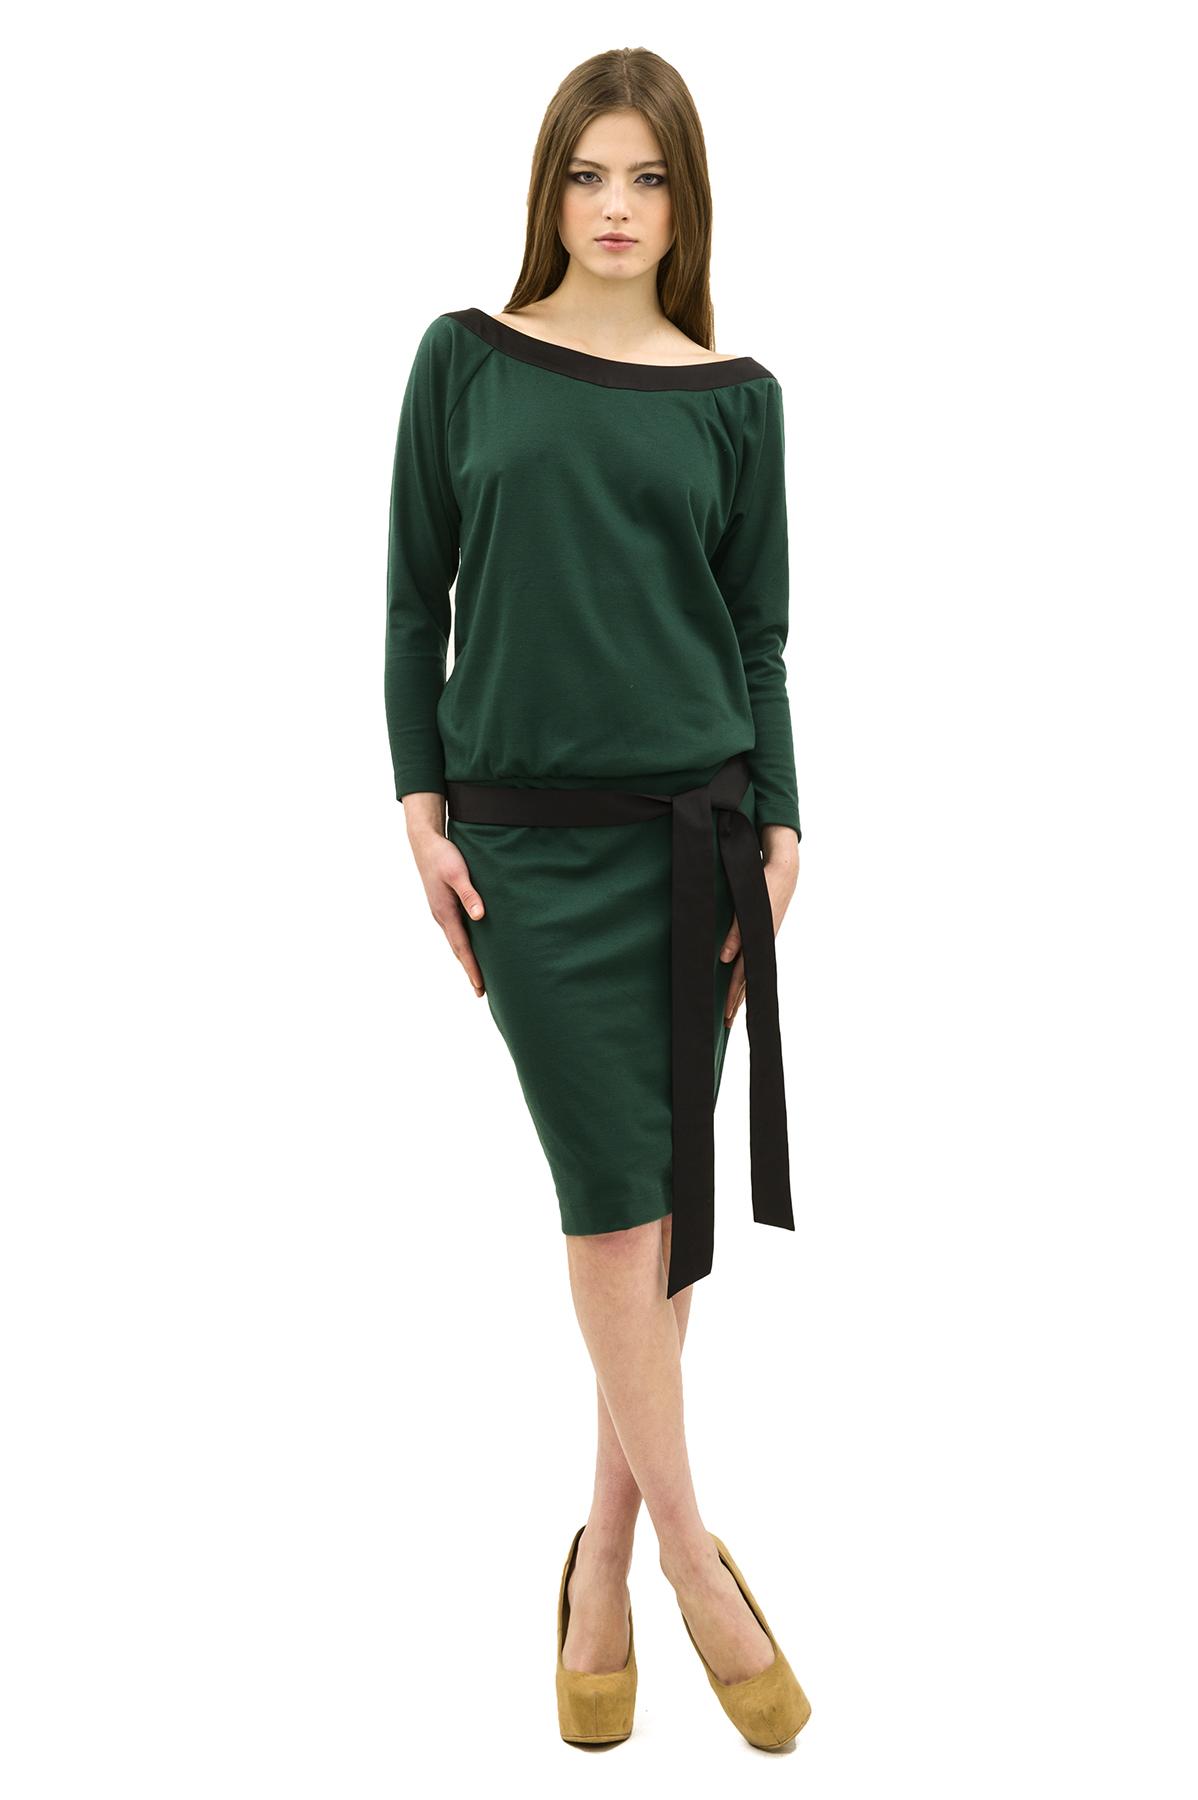 ПлатьеПлатья,  сарафаны<br>Изысканное трикотажное платье преобразит любую девушку, придав ее образу неповторимую чувственность. Добавьте в свой гардероб нотку настоящего изысканного шика вместе с этим ярким стильным очаровательным платьем!<br><br>Цвет: зеленый<br>Состав: 60% вискоза, 35% полиэстер, 5% лайкра<br>Страна дизайна: Россия<br>Страна производства: Россия